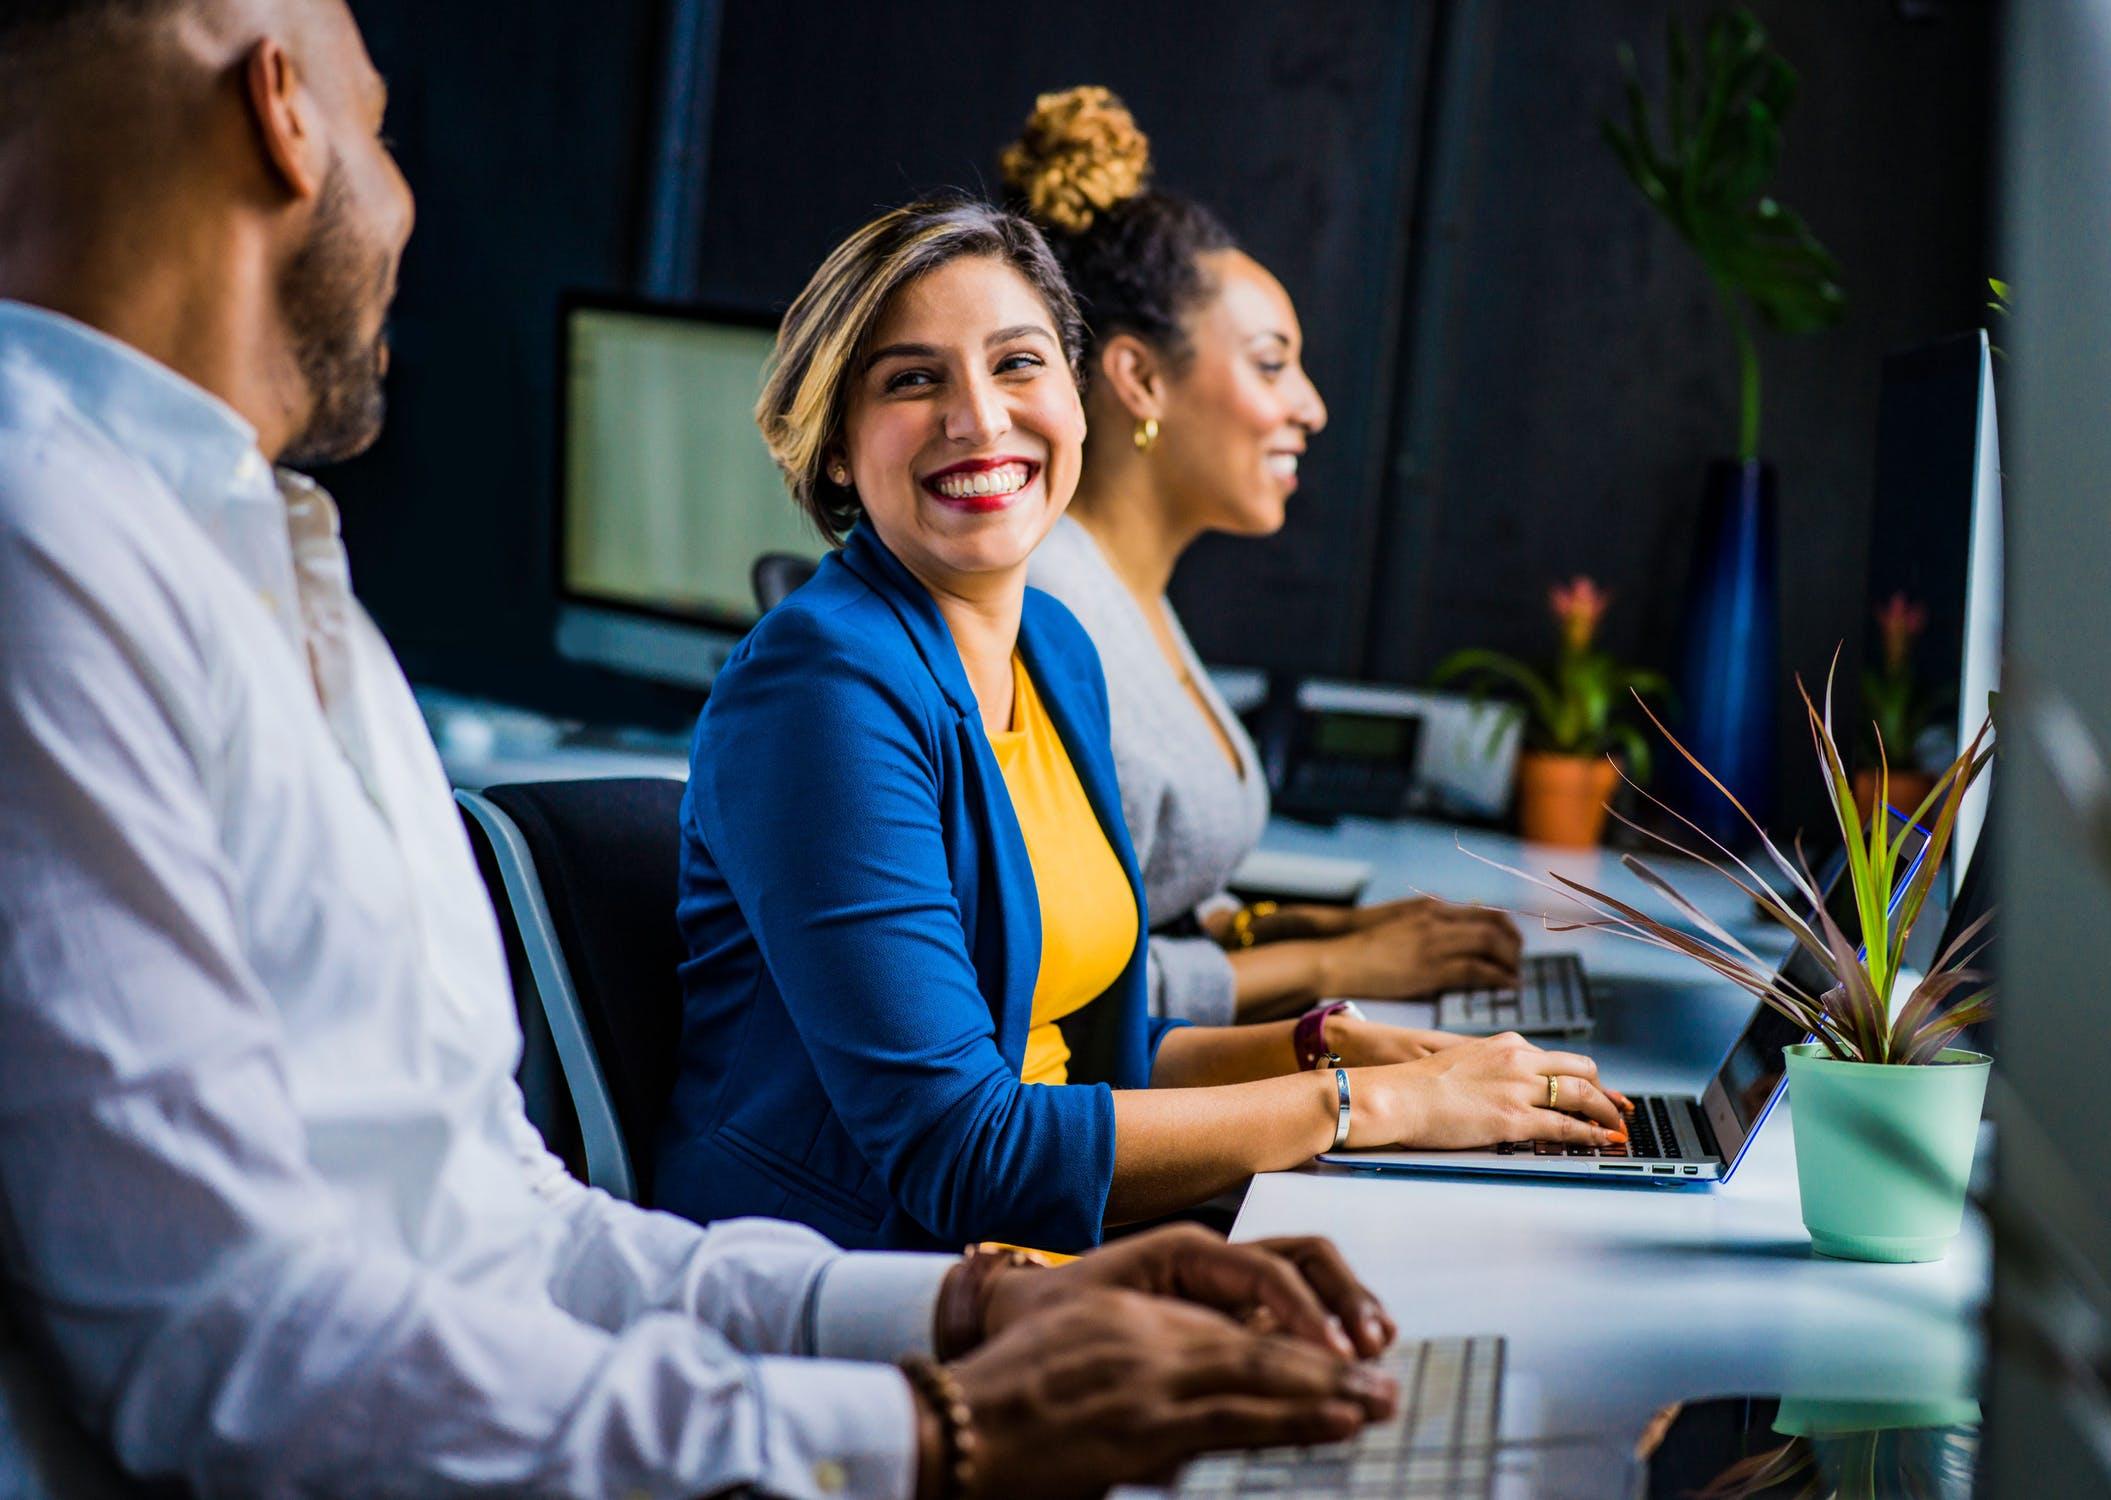 Descubre las 10 ventajas del Office 365 para tu empresa